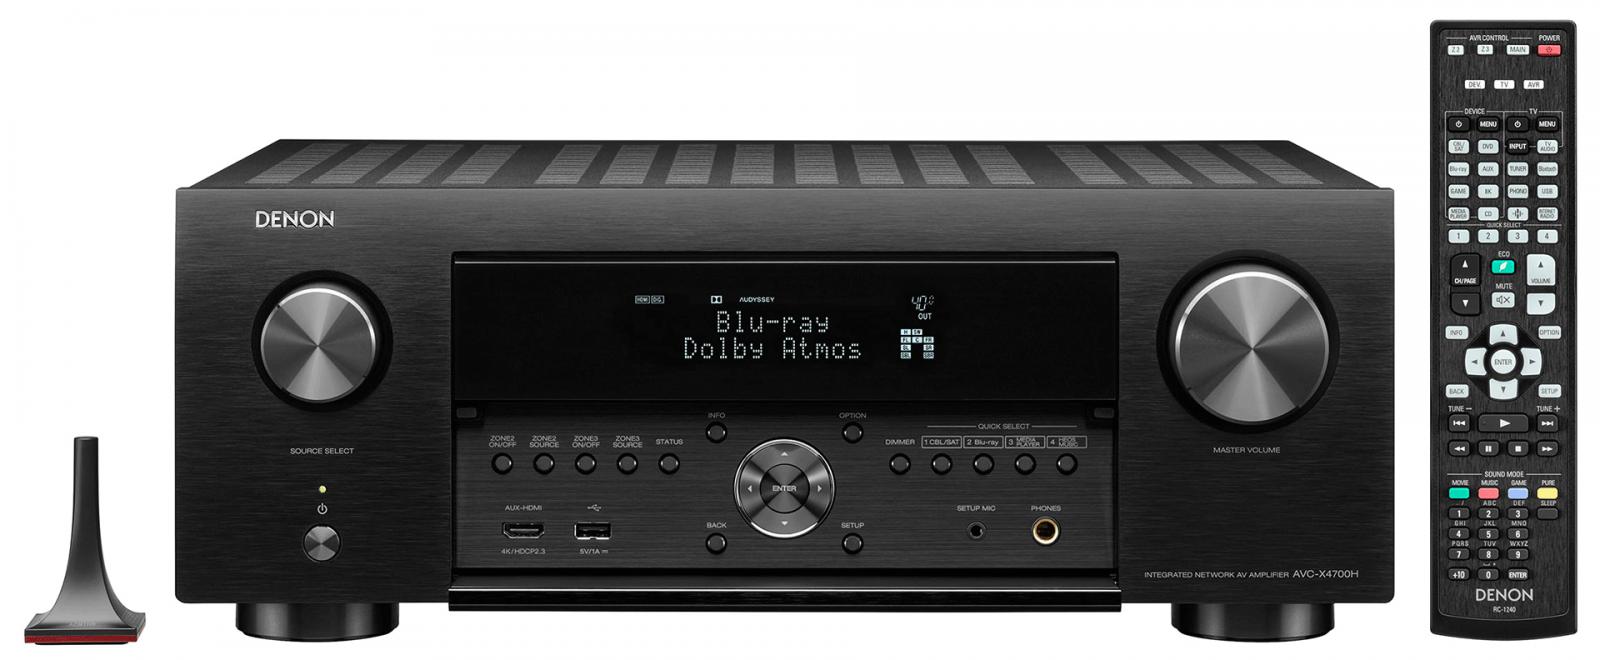 Denon AVC-X4700H | Ampli nghe nhạc - xem phim | Anh Duy Audio